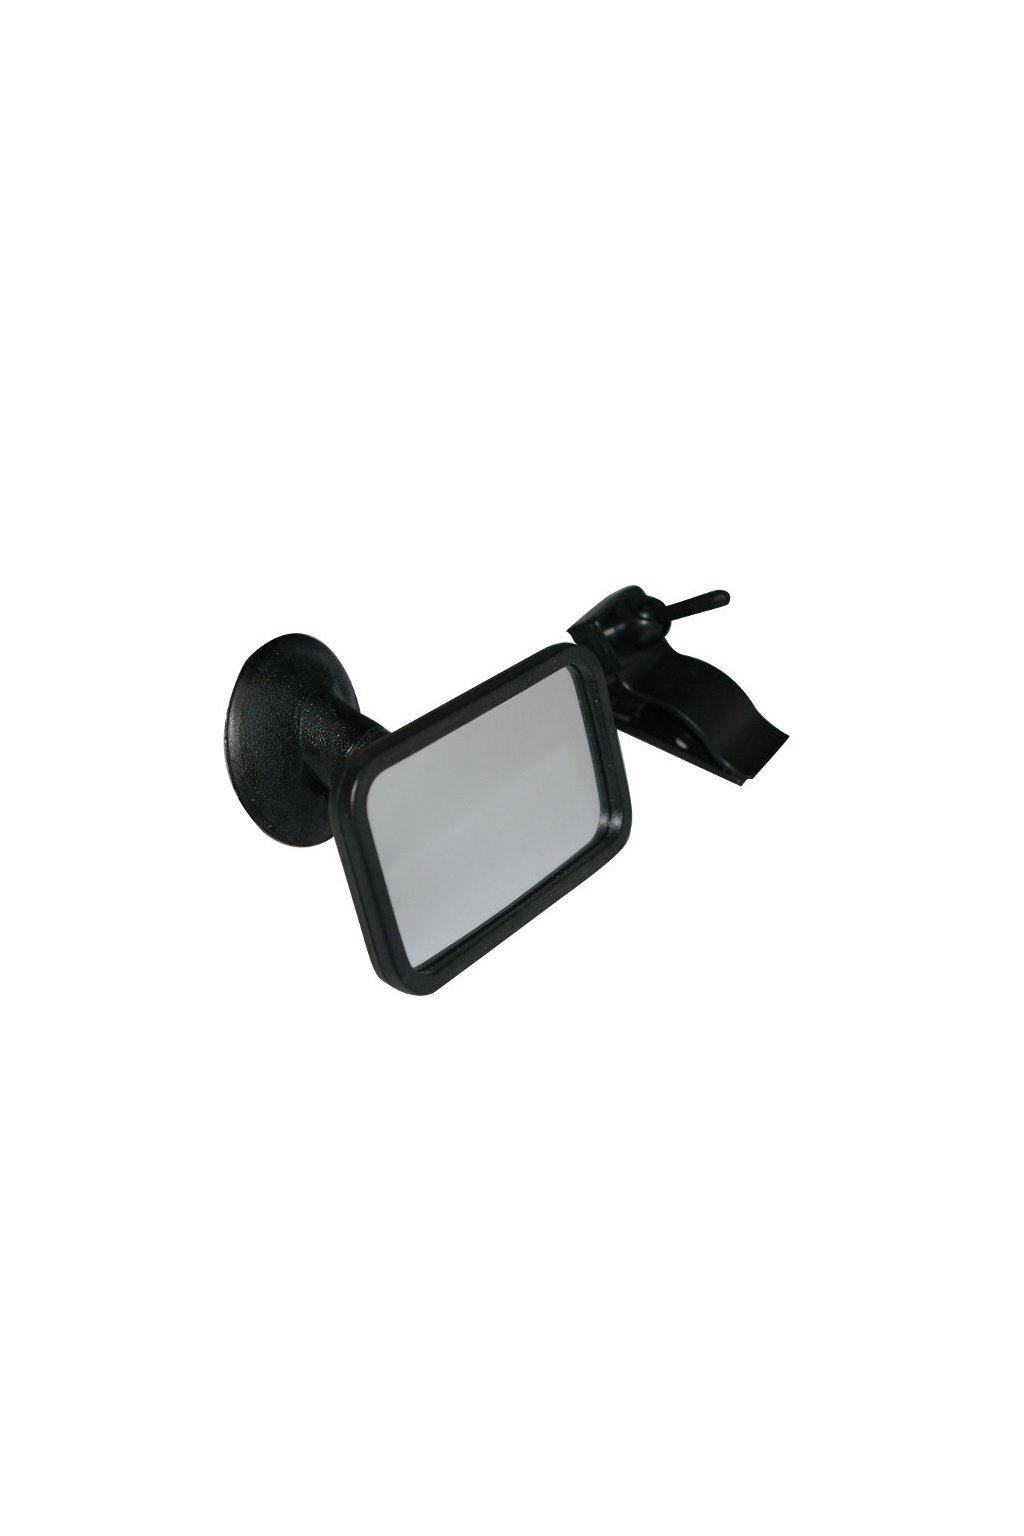 Prídavné spätné zrkadlo do auta